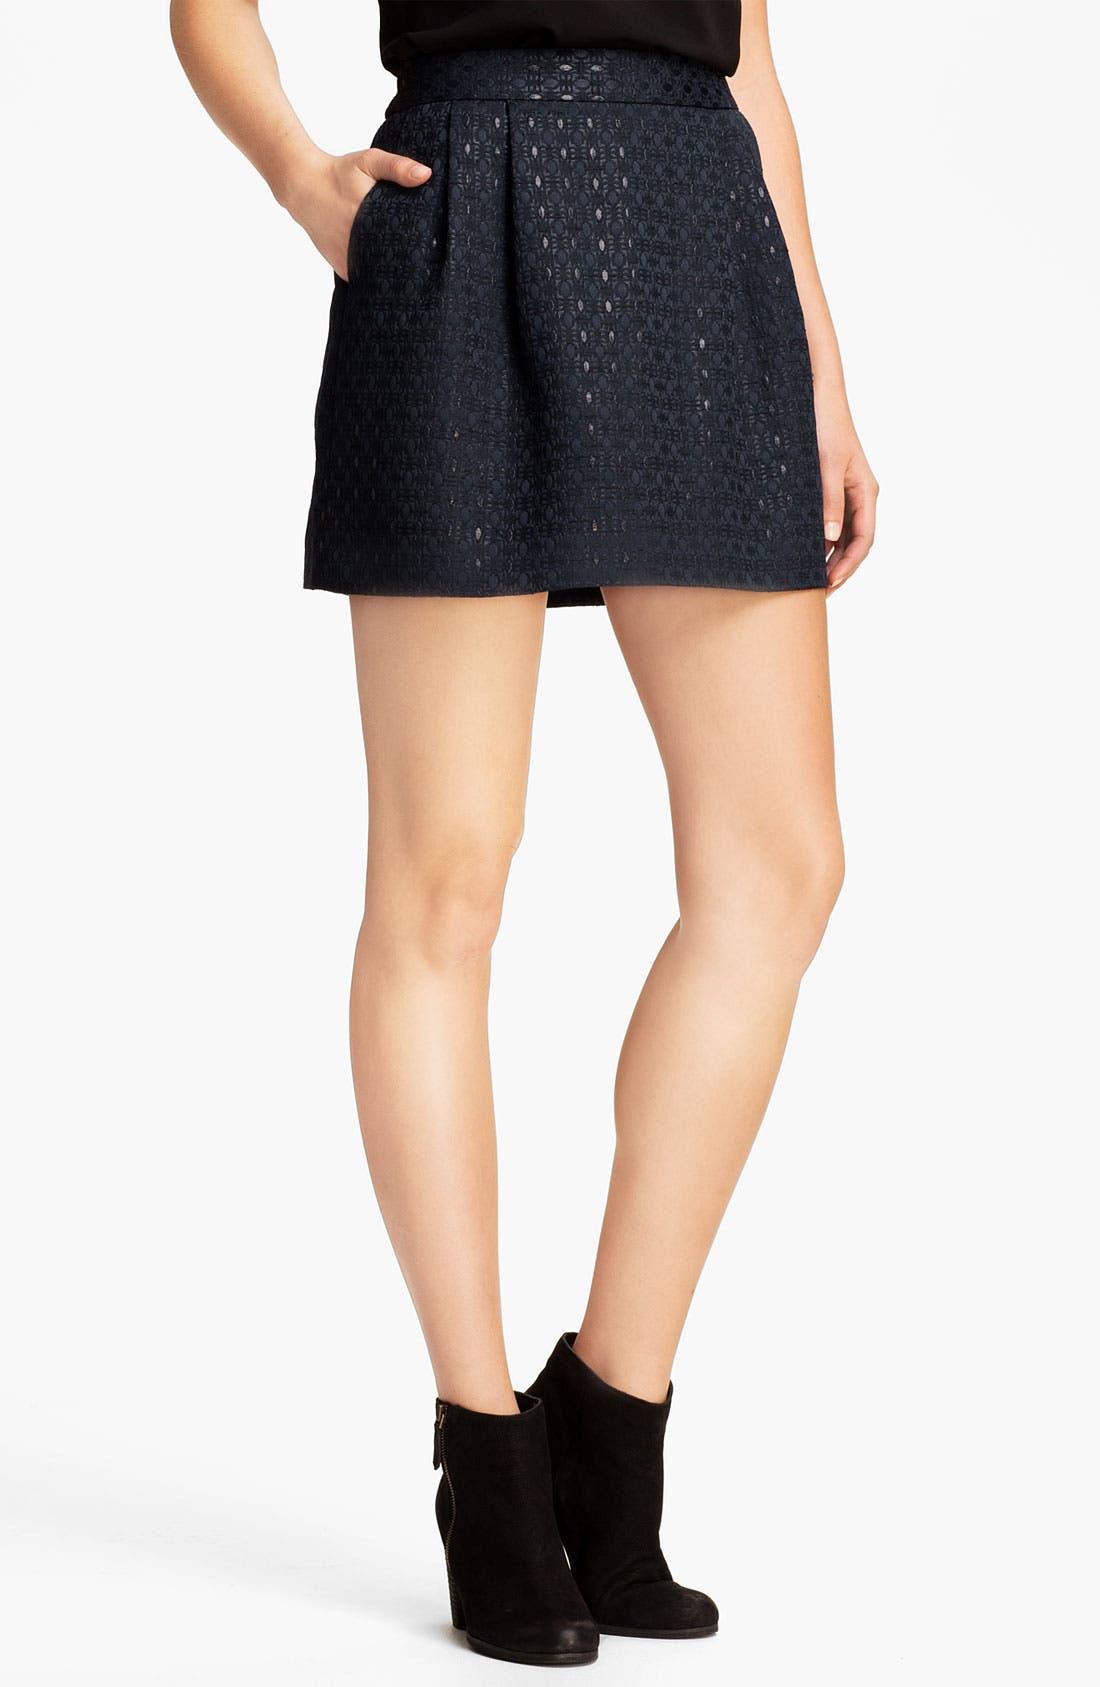 Alternate Image 1 Selected - Original Frenchi Brocade Skirt (Juniors)